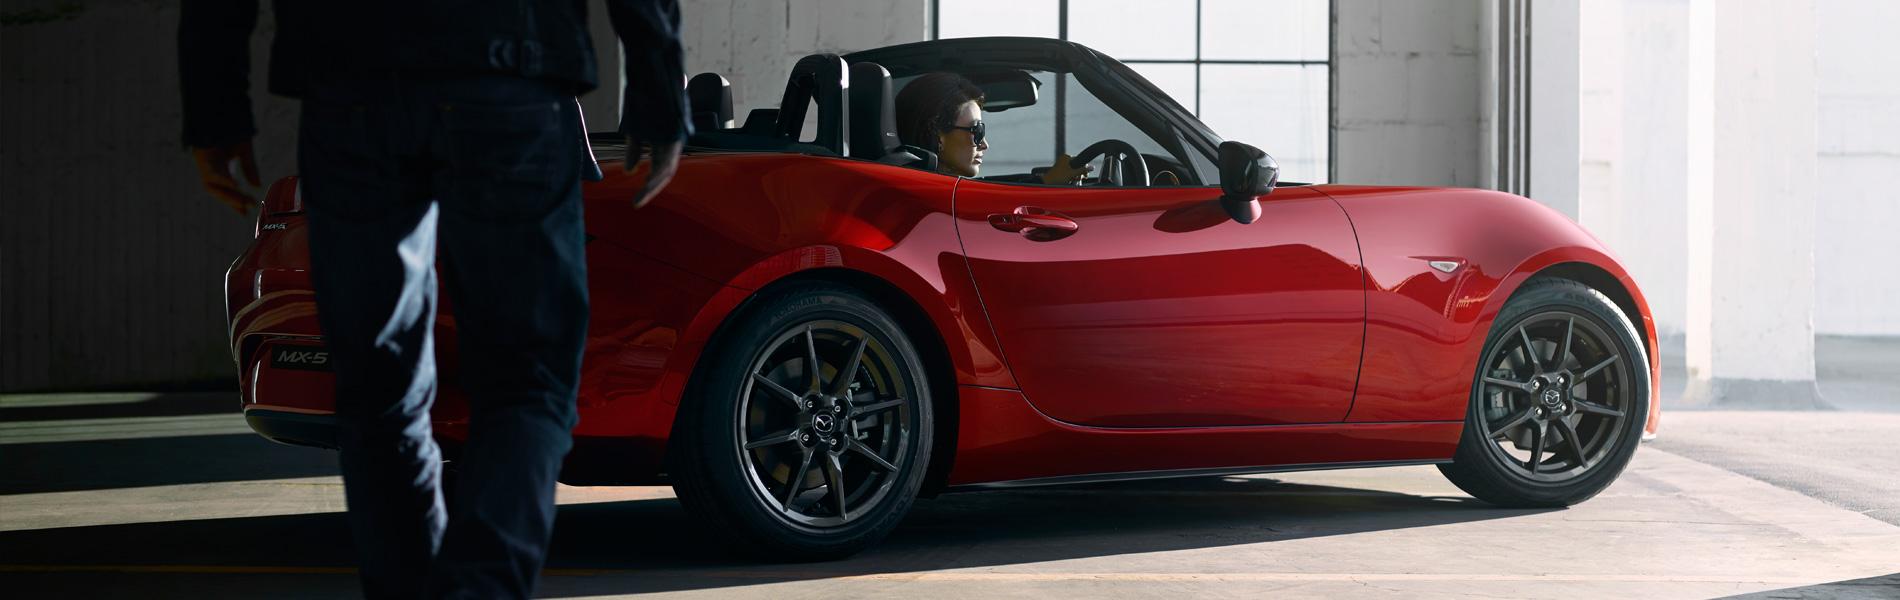 Mazda MX-5 Image 2